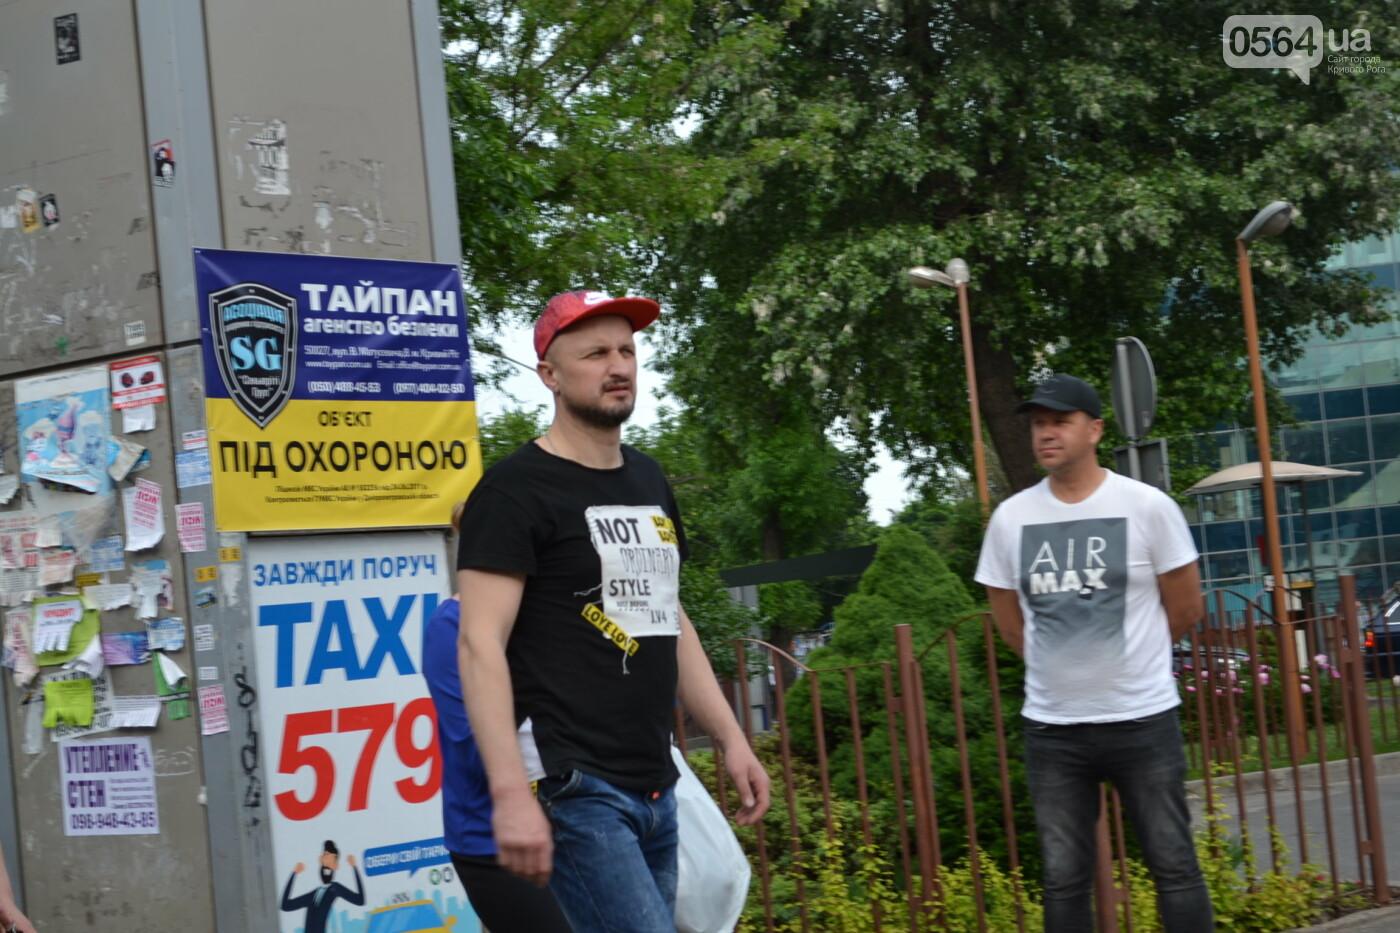 Концерт от Madisan Rock Club: криворожские музыканты поддержали юную Алину Михалковскую, - ФОТО, ВИДЕО, фото-28